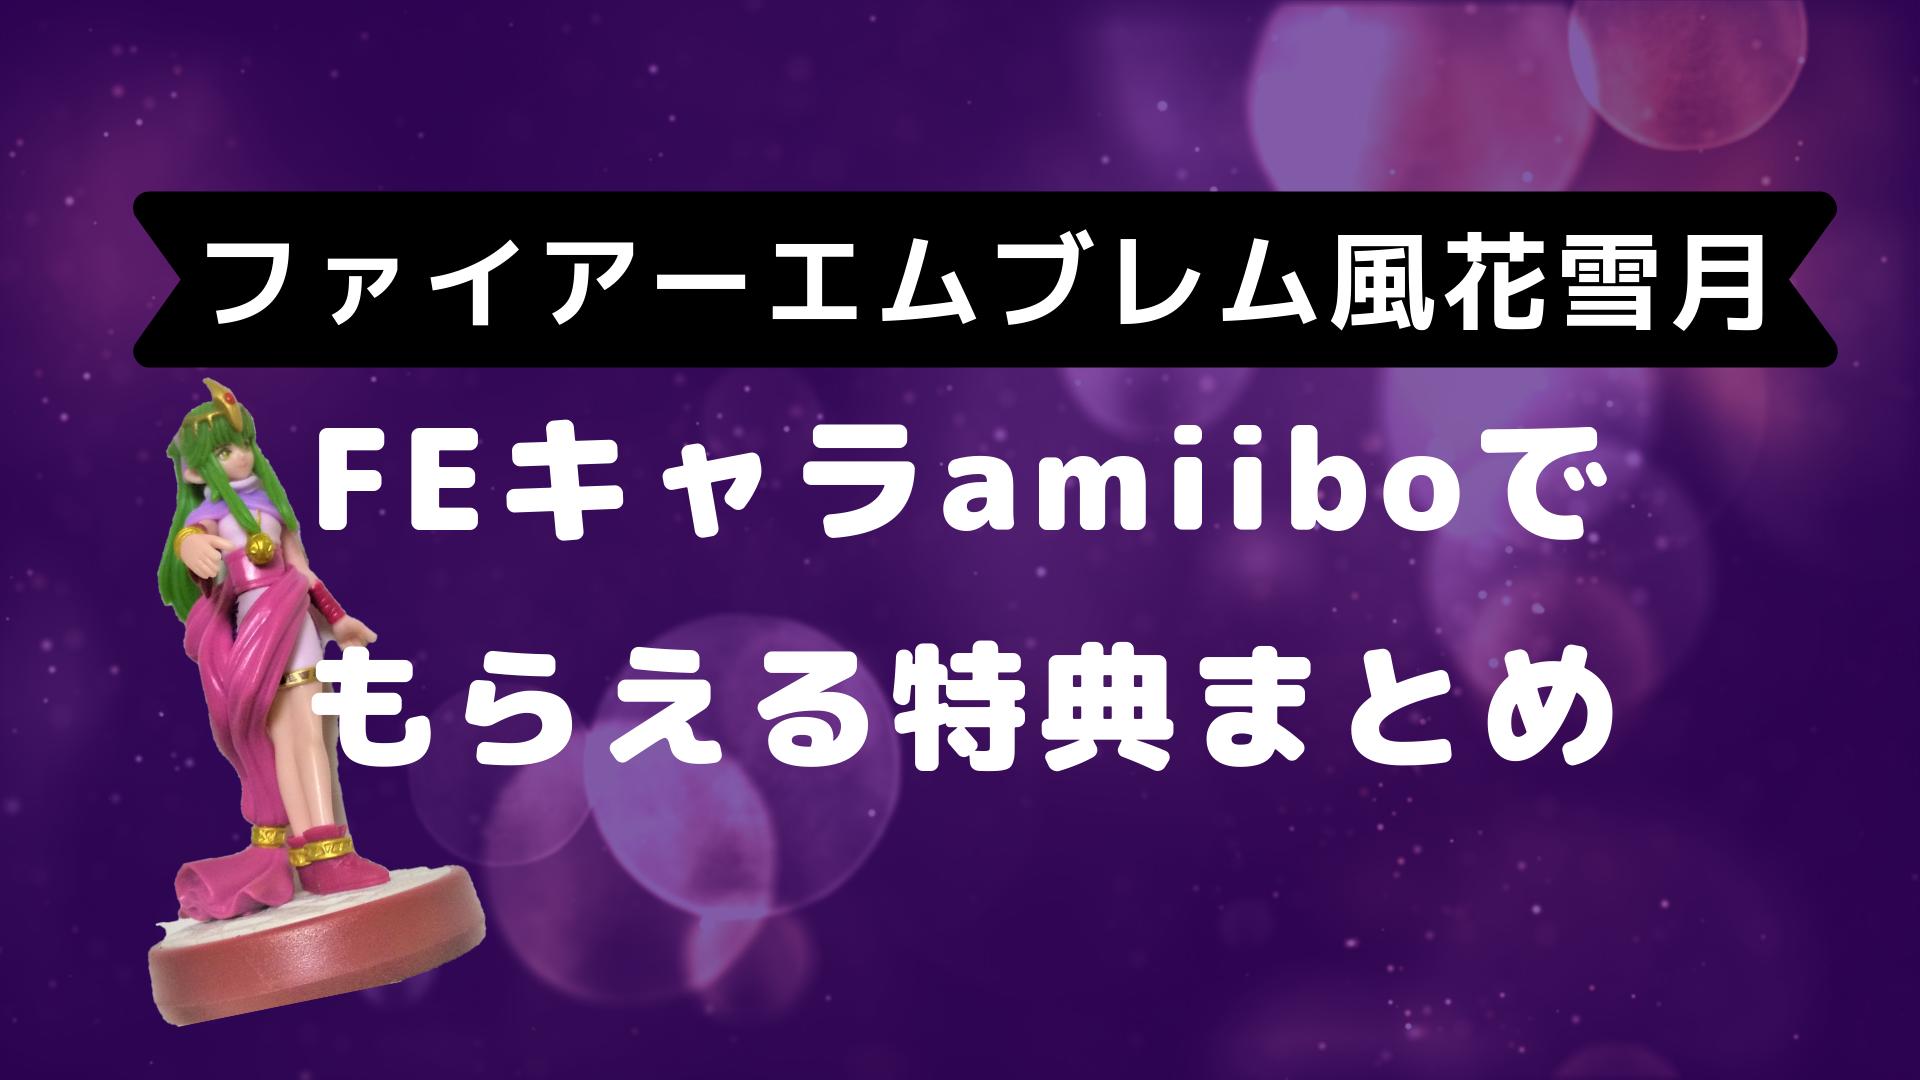 f:id:awawako:20190823105532p:plain